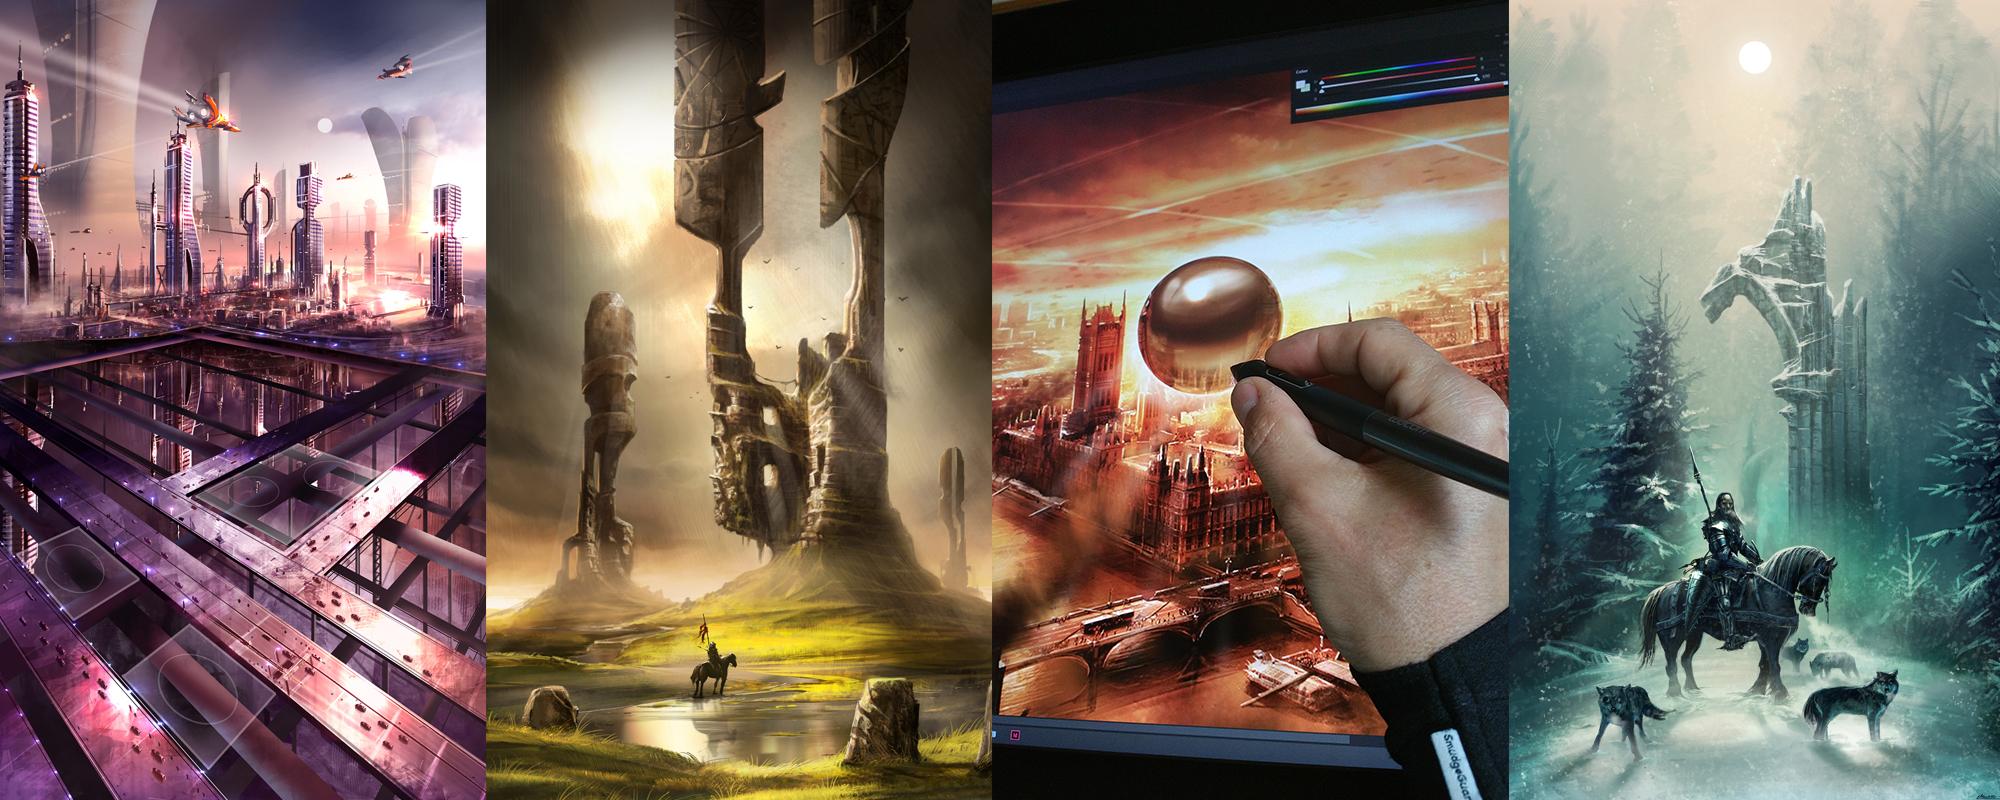 Formation en Peinture Digitale avec Photoshop et Painter